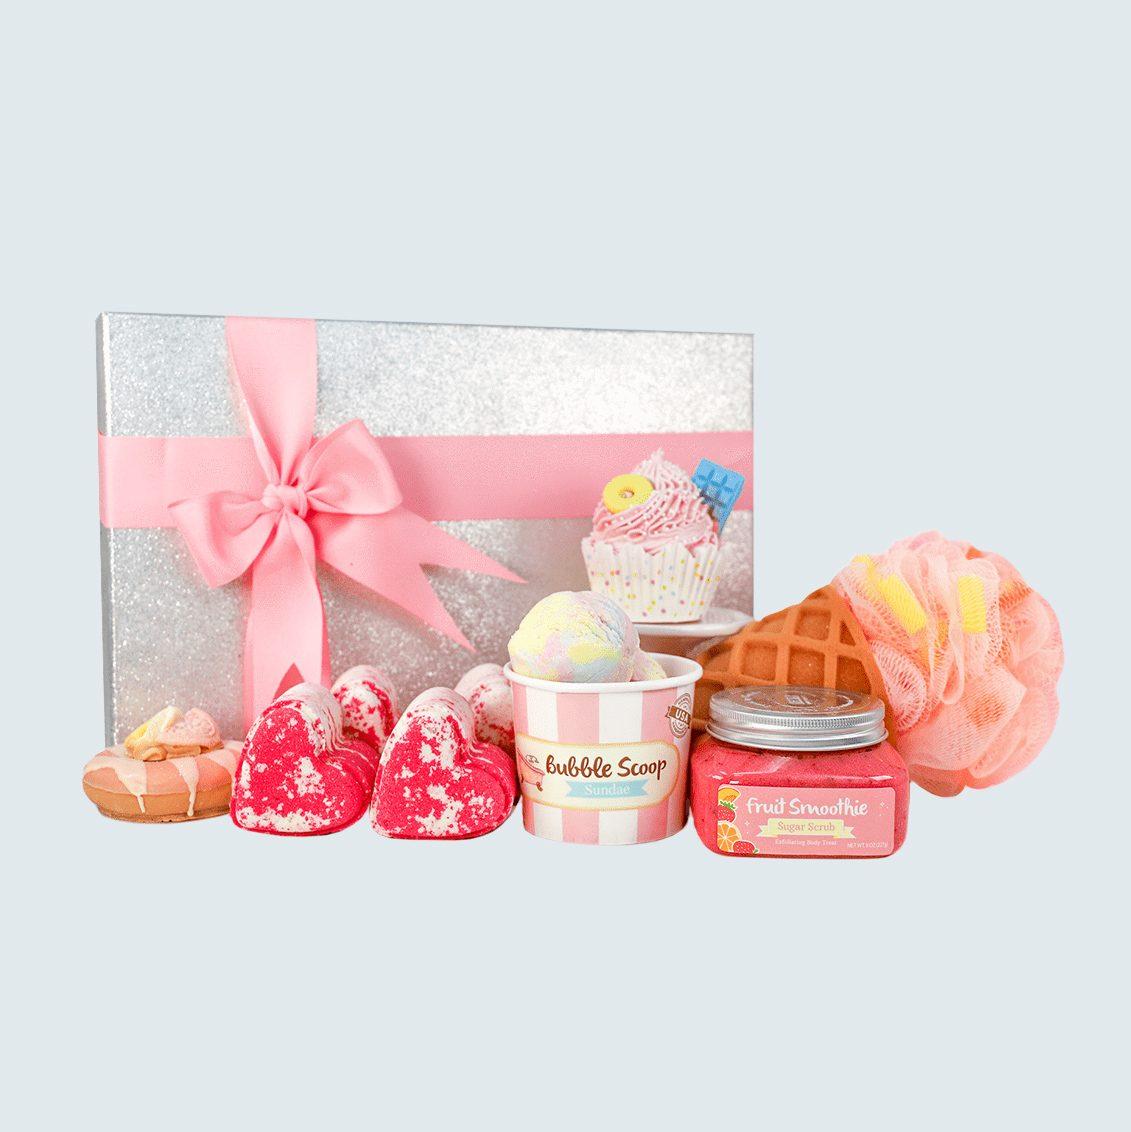 Nectar Bath Treats Sweet and Bubbly Spa Gift Set